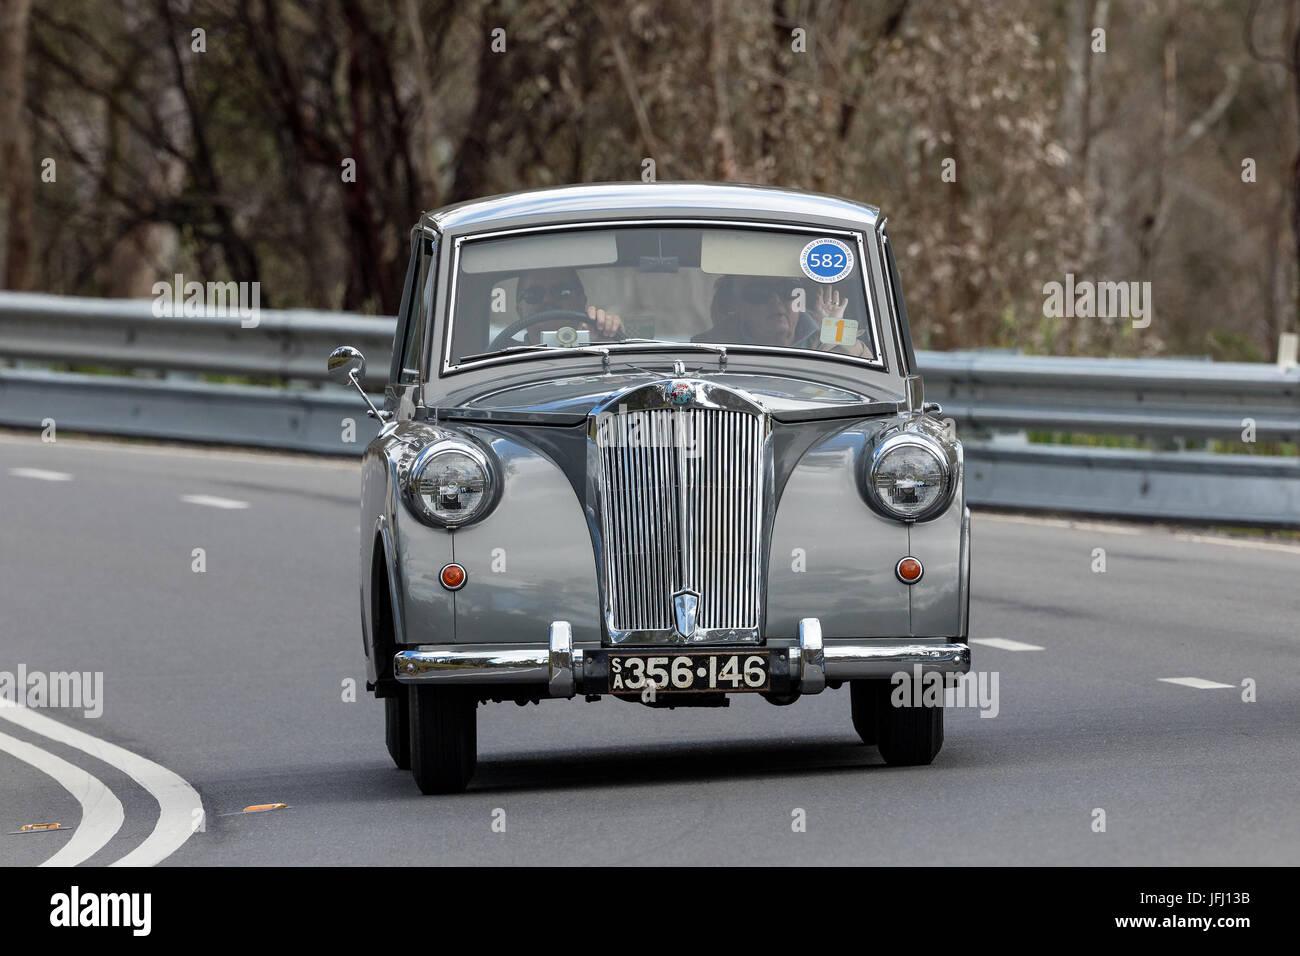 Jahrgang 1952 Triumph Mayflower Limousine fahren auf der Landstraße in der Nähe der Stadt Birdwood, South Stockbild